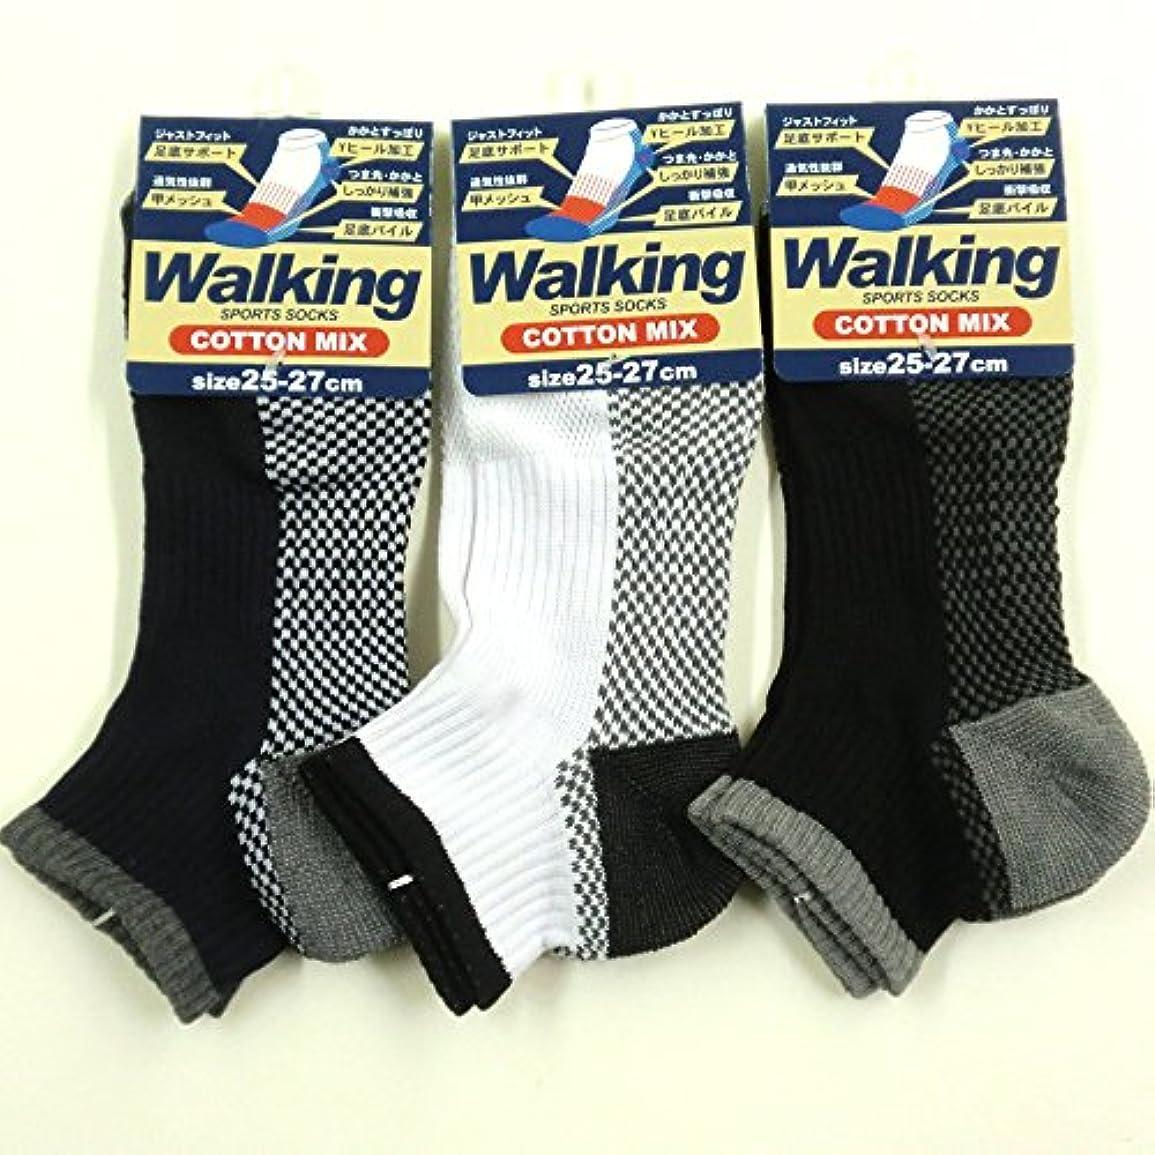 エジプト人驚くべき流スニーカー ソックス メンズ ウォーキング 靴下 綿混 足底パイル 25-27cm 3足セット